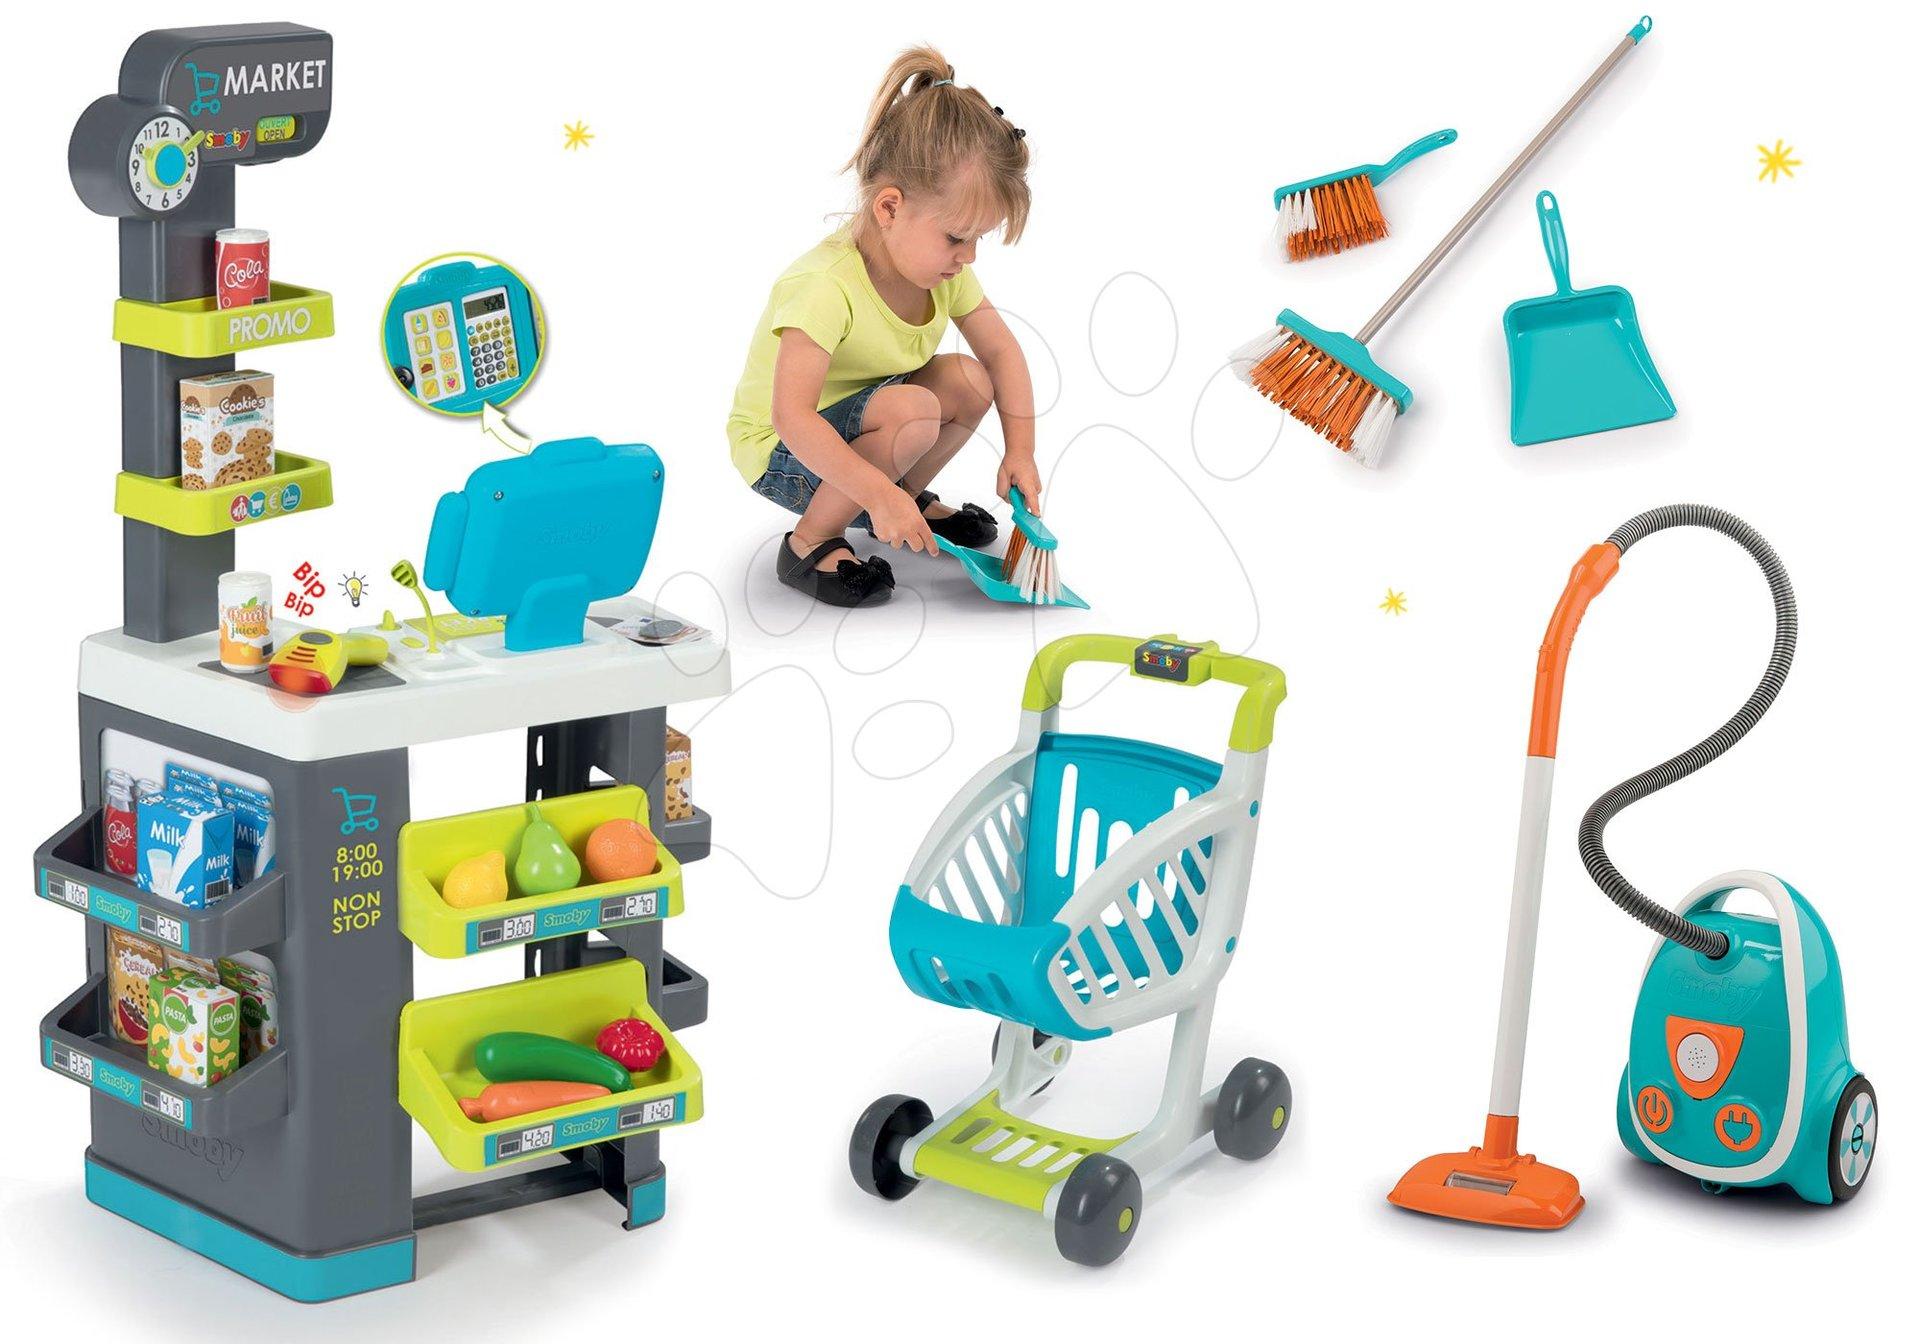 Smoby set obchod s potravinami Market a vysavač se zvukem Vacuum Cleaner se smetákem a lopatkou 350212-7